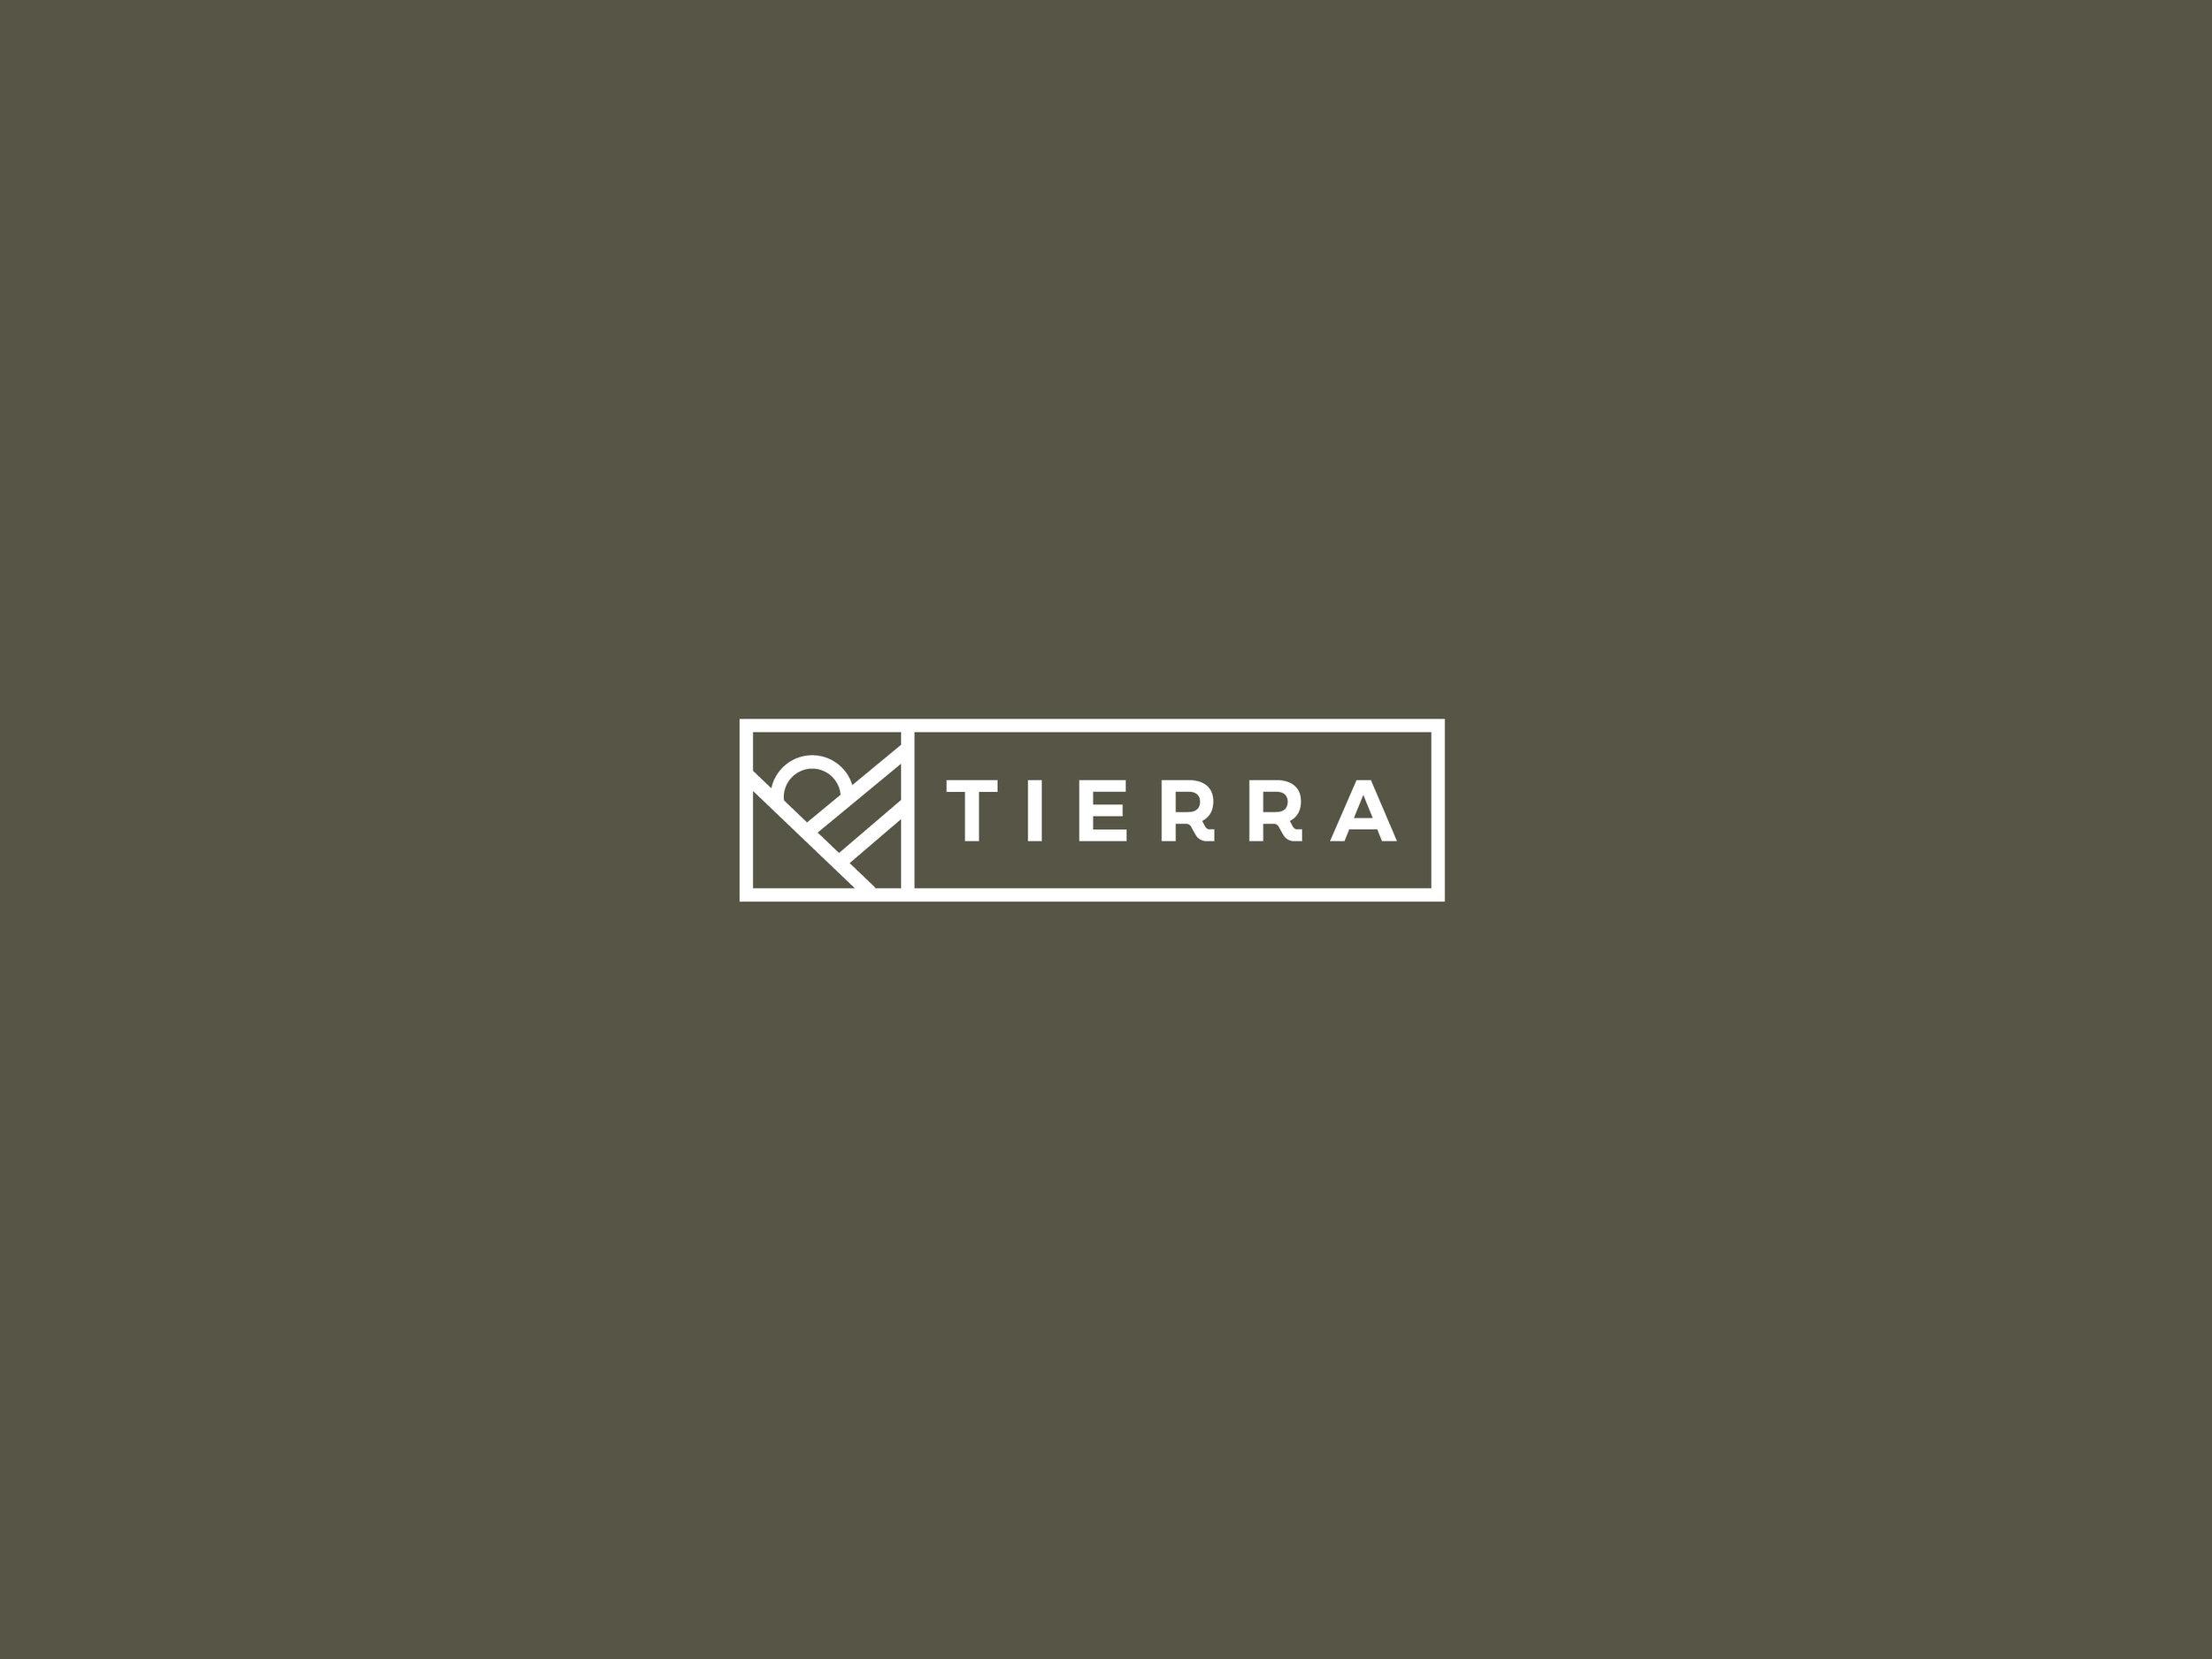 Tierra Logo.jpg